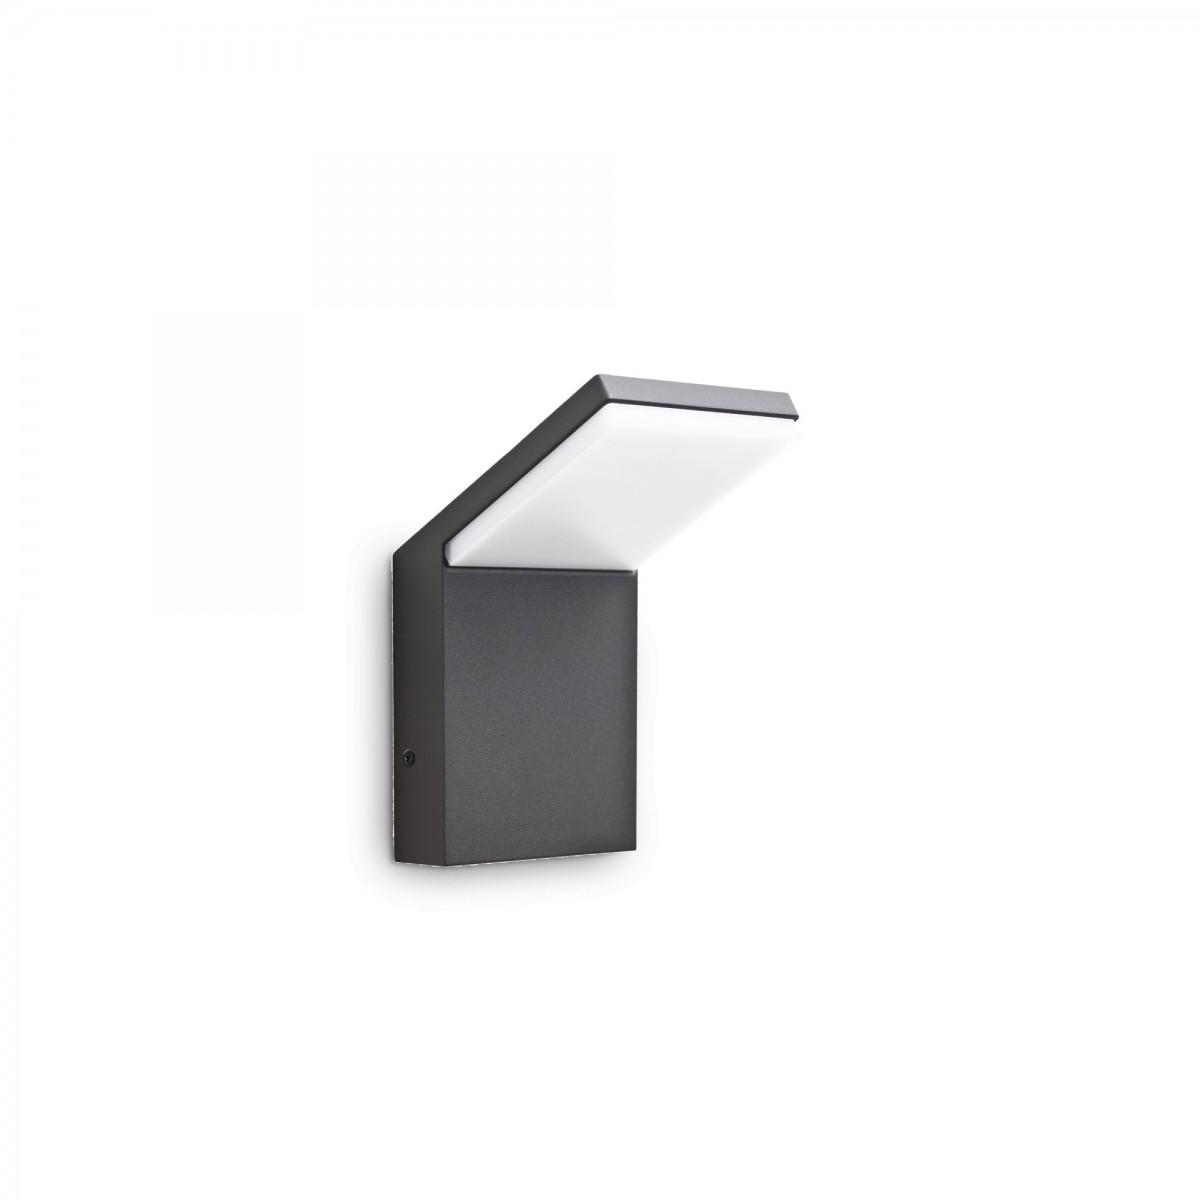 Ideal Lux 246857 LED zahradní nástěnná lampa Style 1x9W | 3000K | IP54 - antracit Ideal Lux 246857